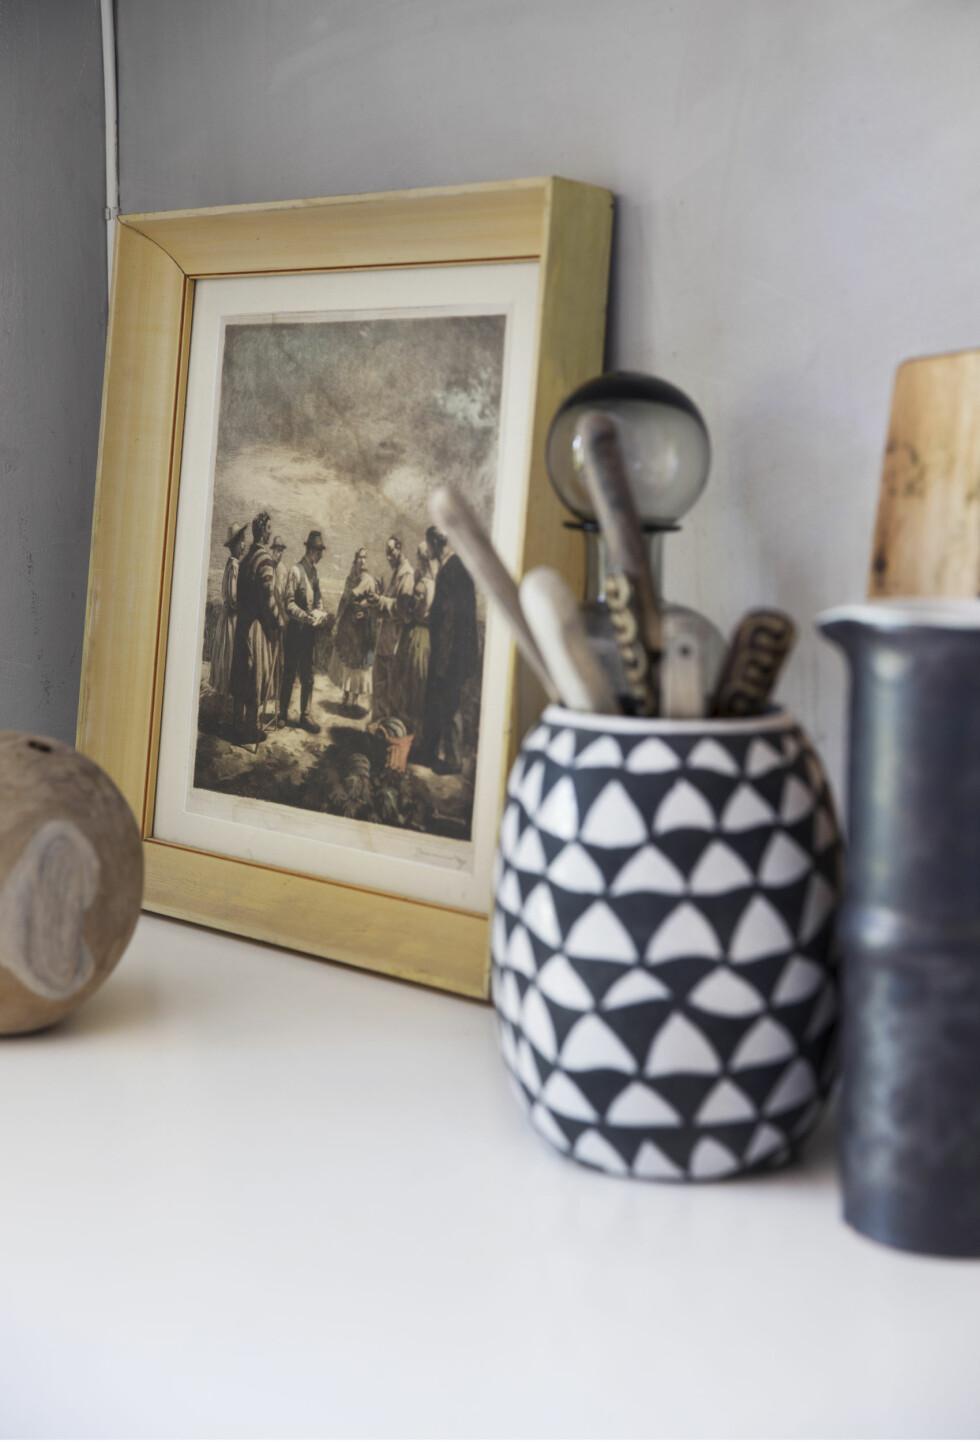 KUNST PÅ KJØKKENET: Også på kjøkkenbenken har kunsten en plass. Det vakre, gamle bildet er kjøpt på et marked i Ungarn. Vasen fra Eske brukes til kjøkkenredskaper.   Foto: Yvonne Wilhelmsen